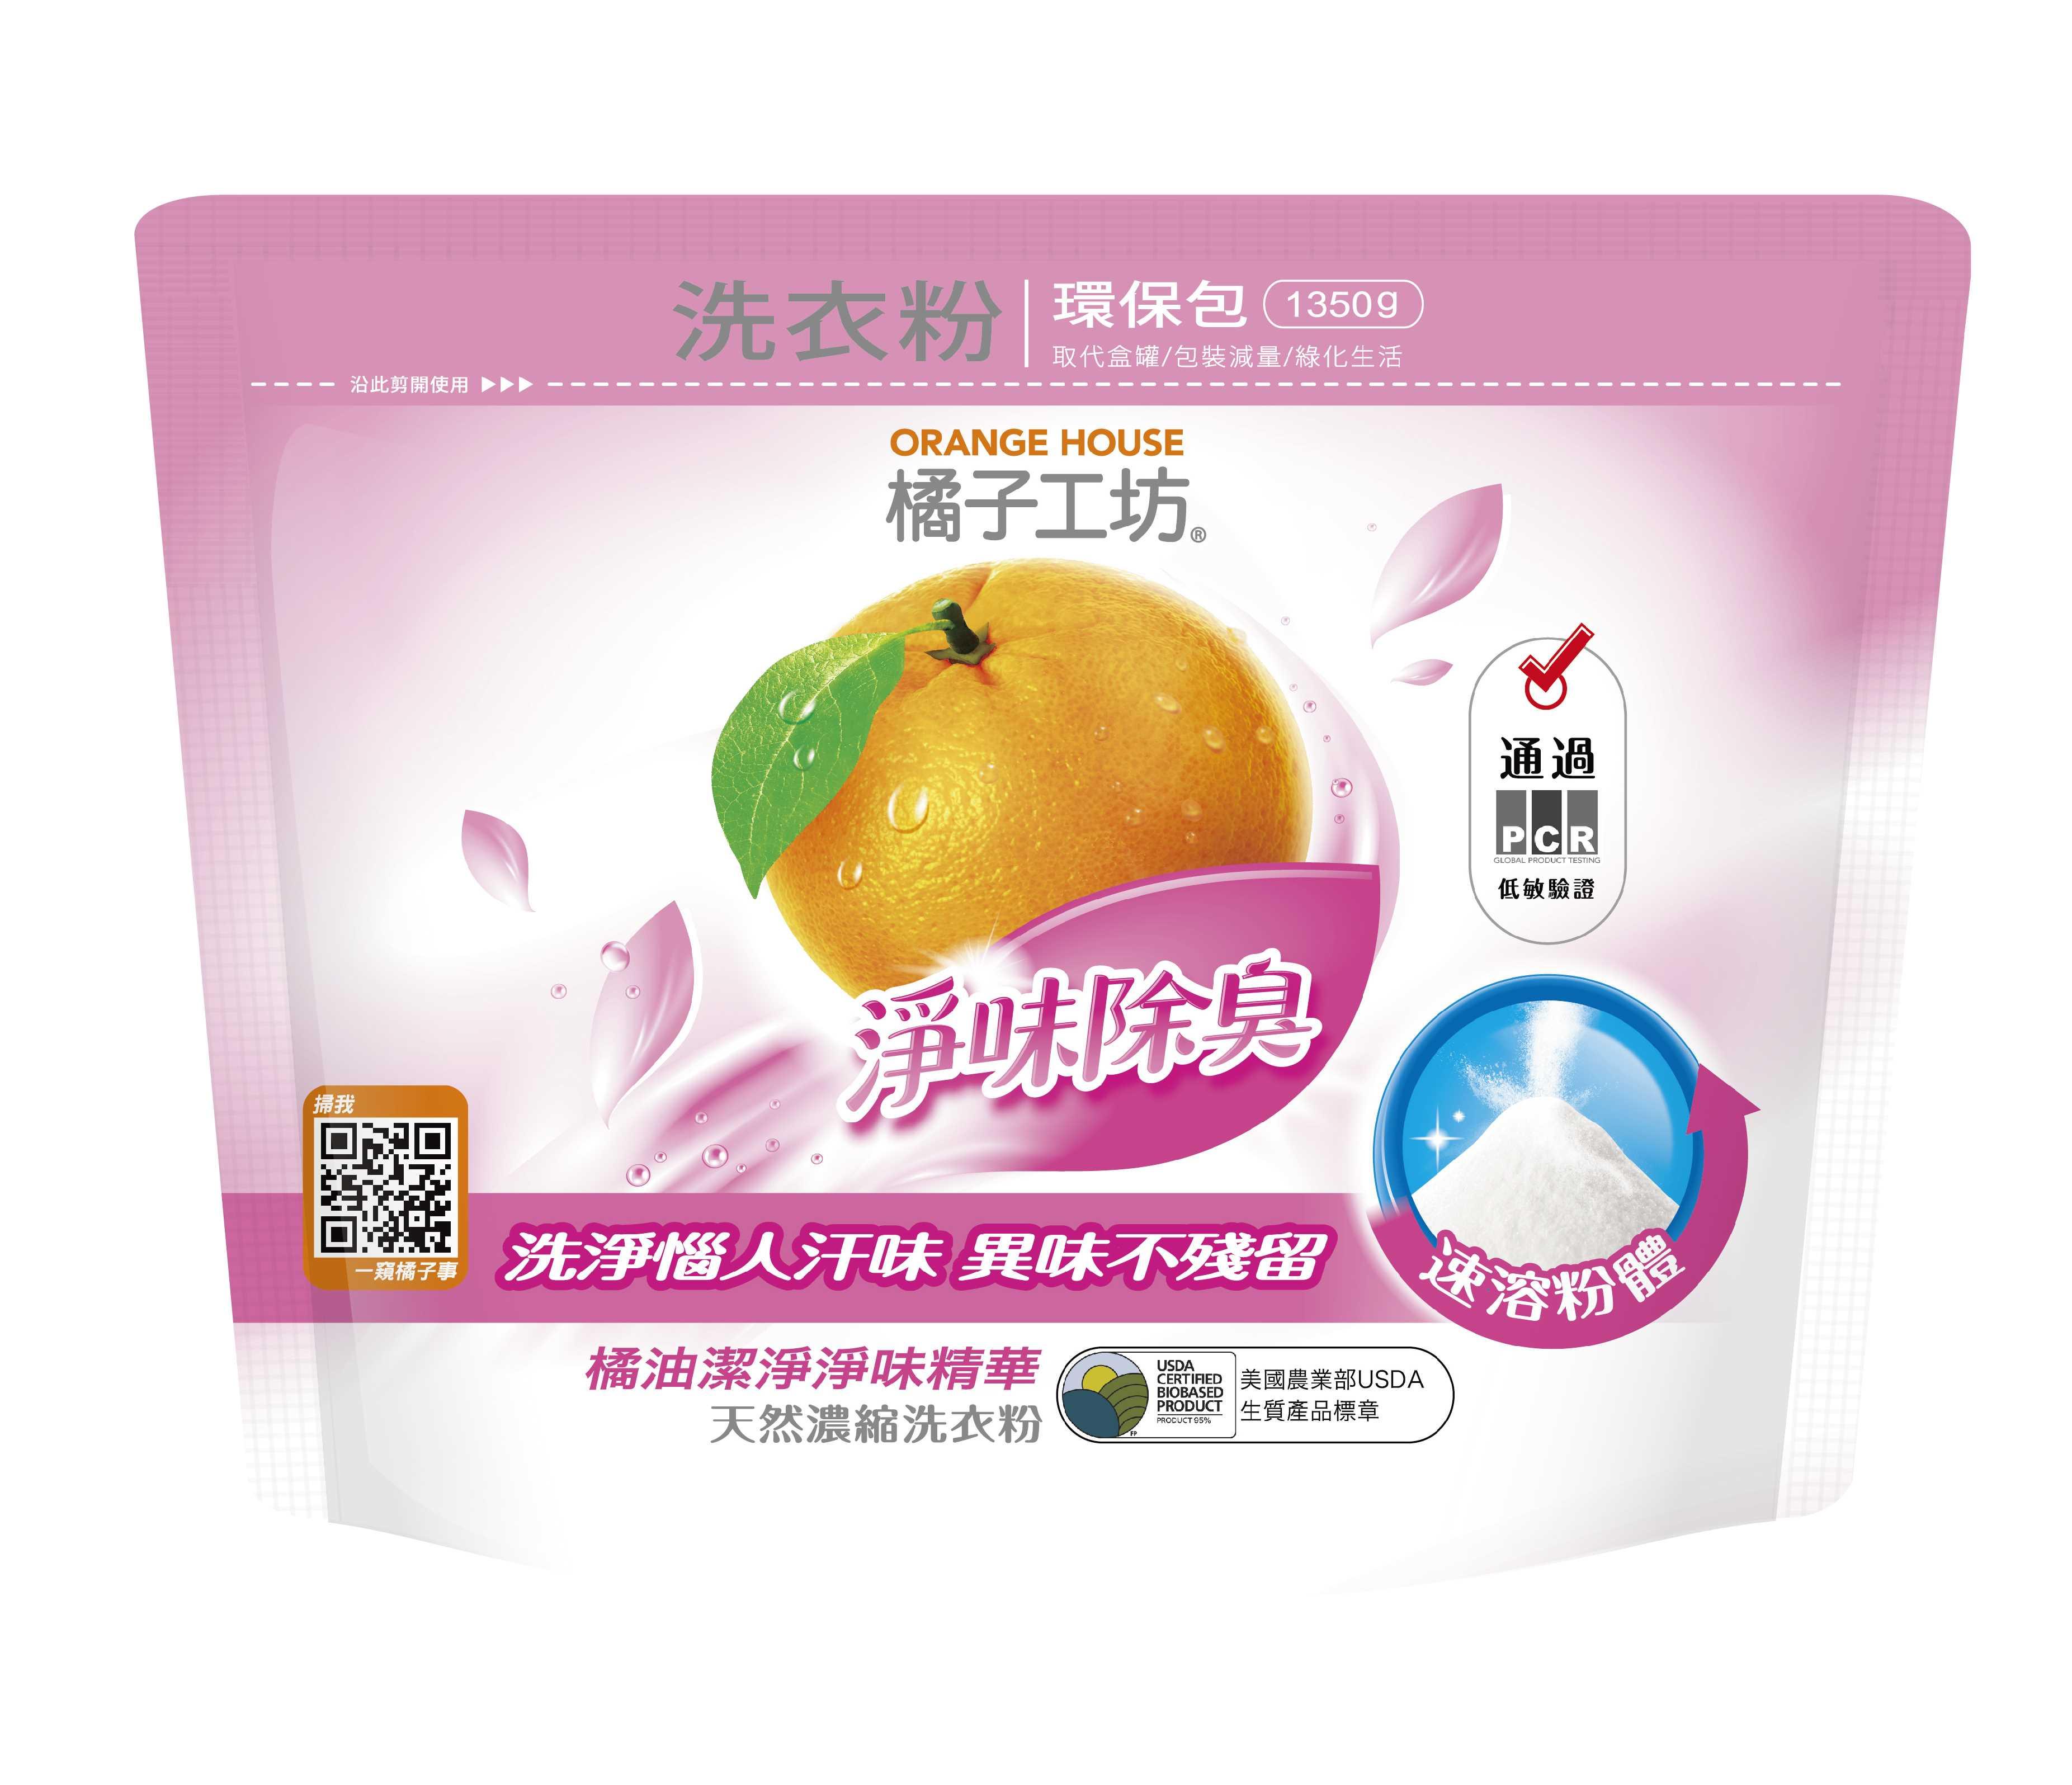 橘子工坊天然浓缩洗衣粉-净味除臭(补充装)1350ml